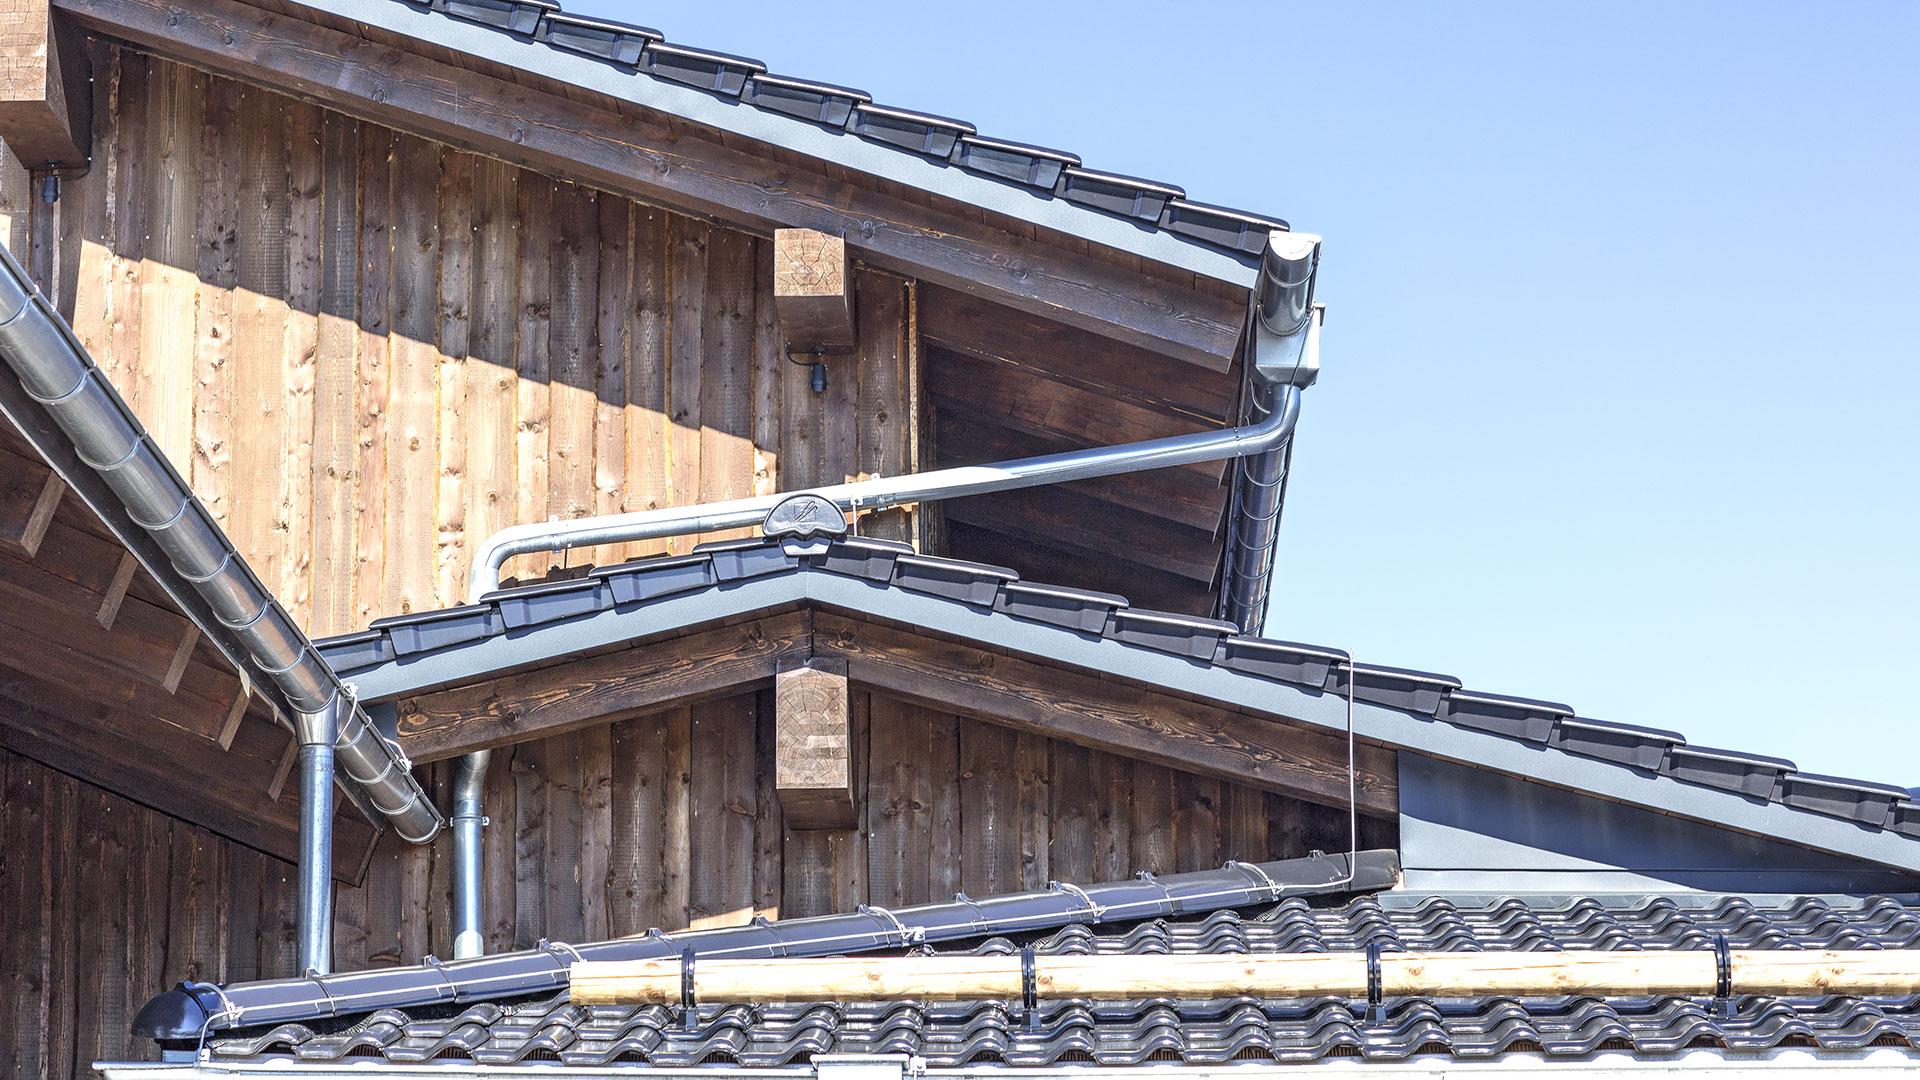 Architekturfotografie: Teilansicht Dach | Foto: Dieter Eikenberg, imprints